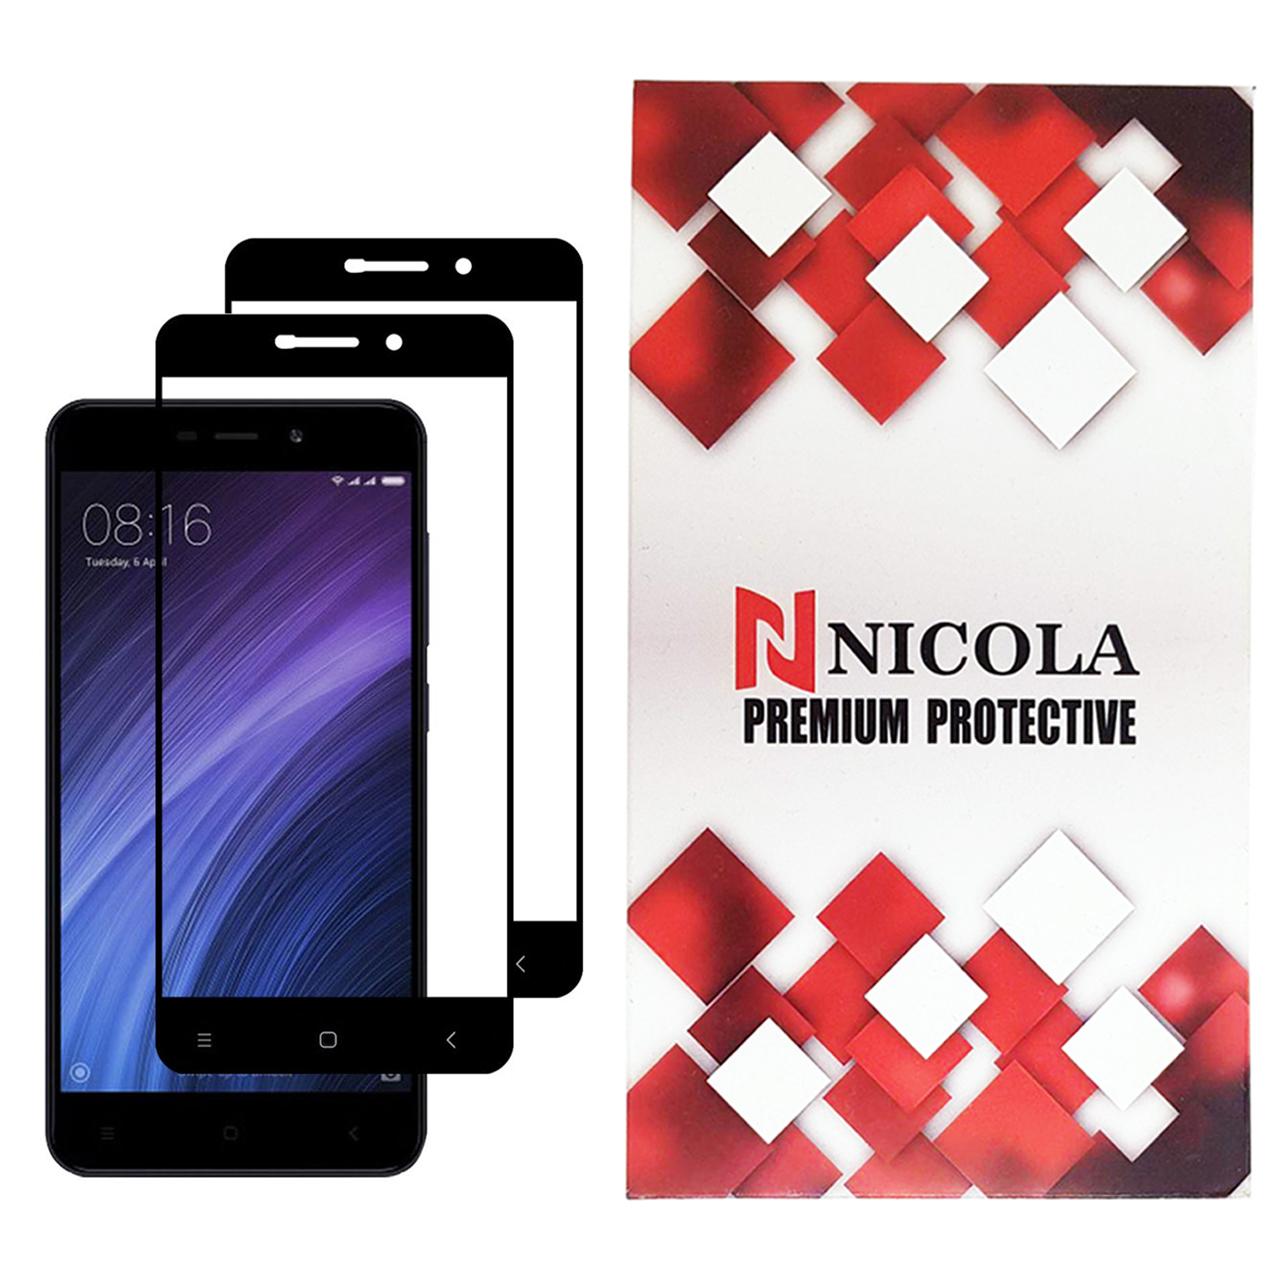 محافظ صفحه نمایش نیکلا مدل N2_9 مناسب برای گوشی موبایل شیائومی Redmi 4A بسته دو عددی